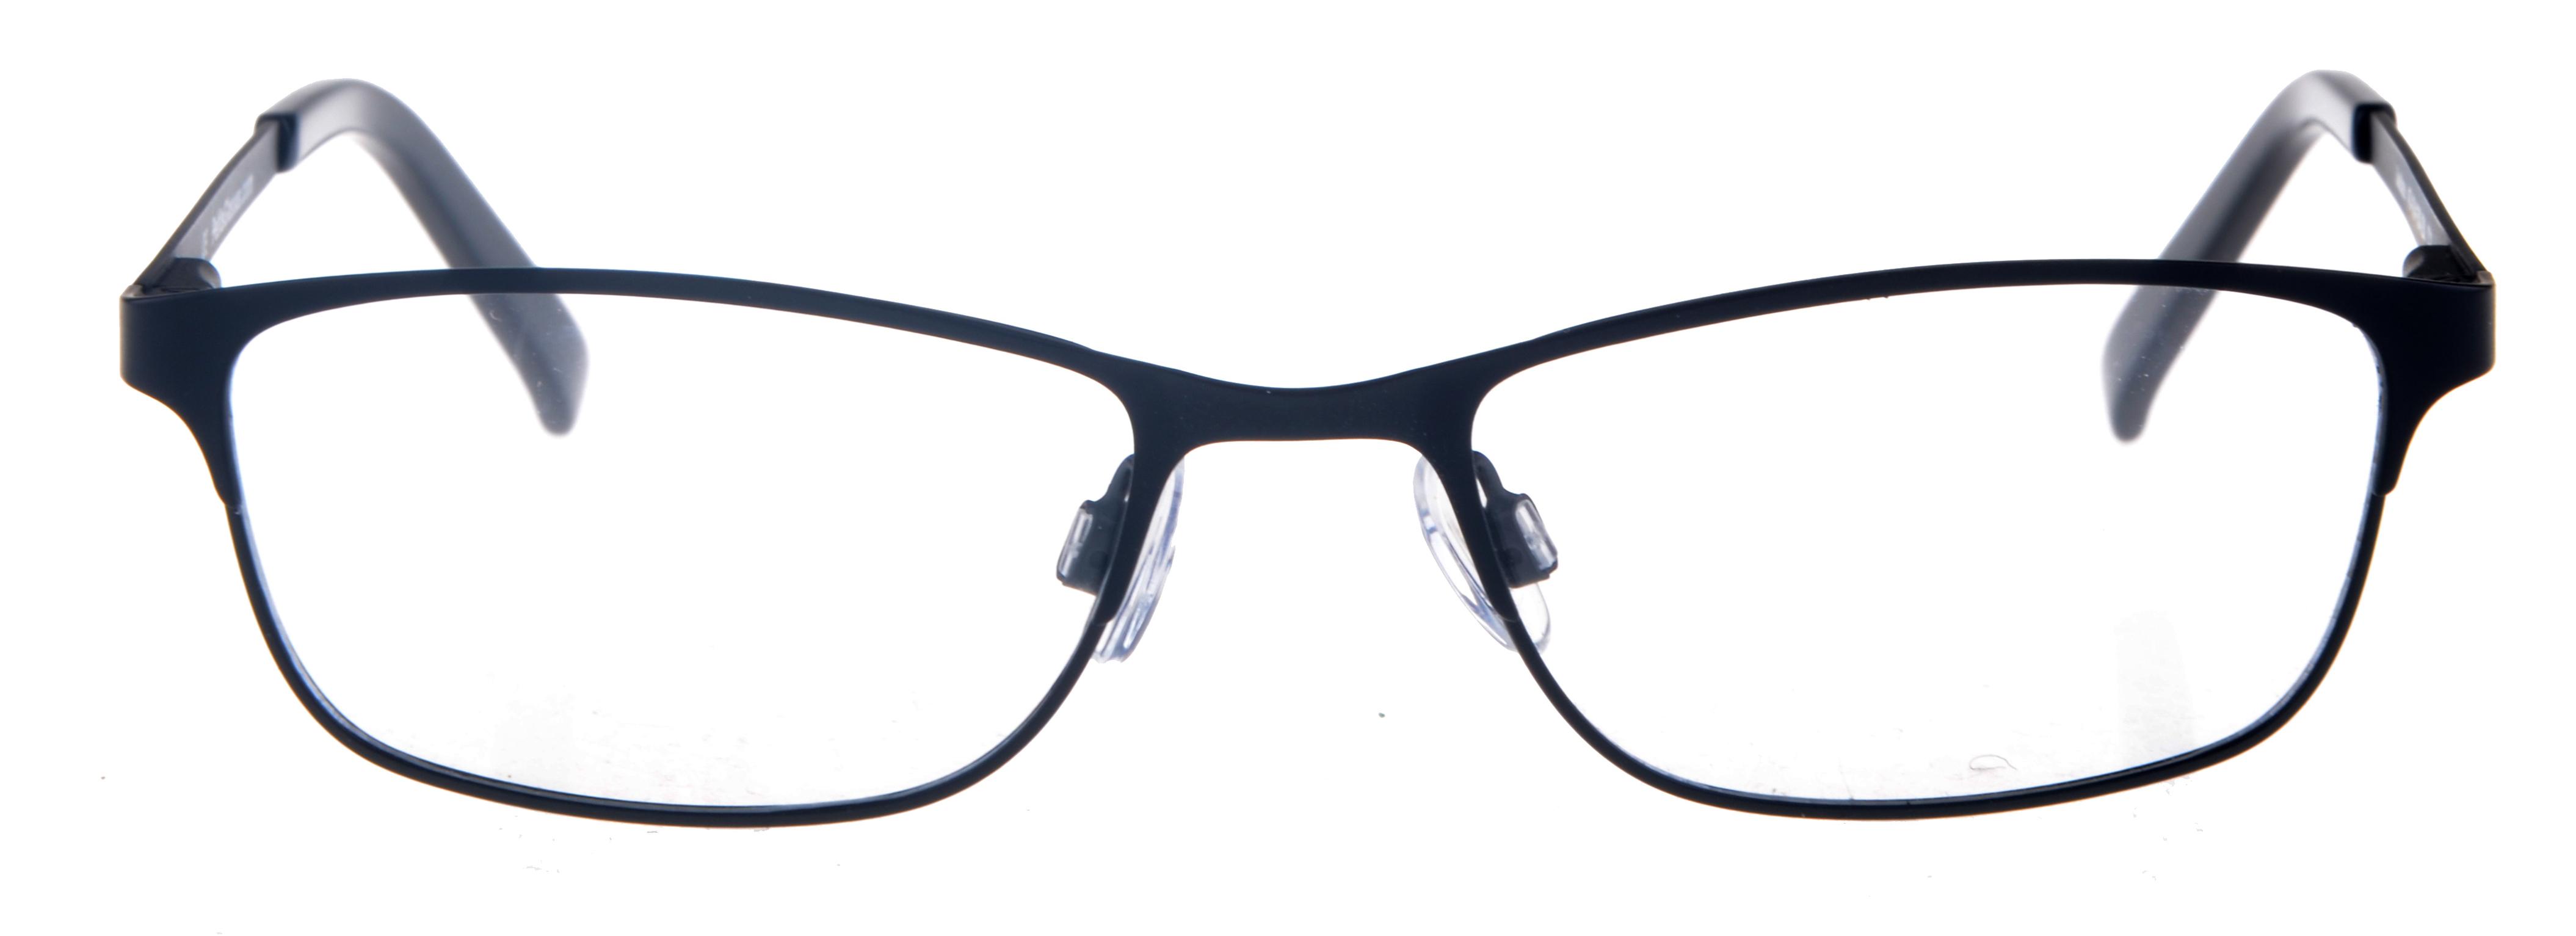 6e17178994b Women s Petite Glasses - Petite Glasses